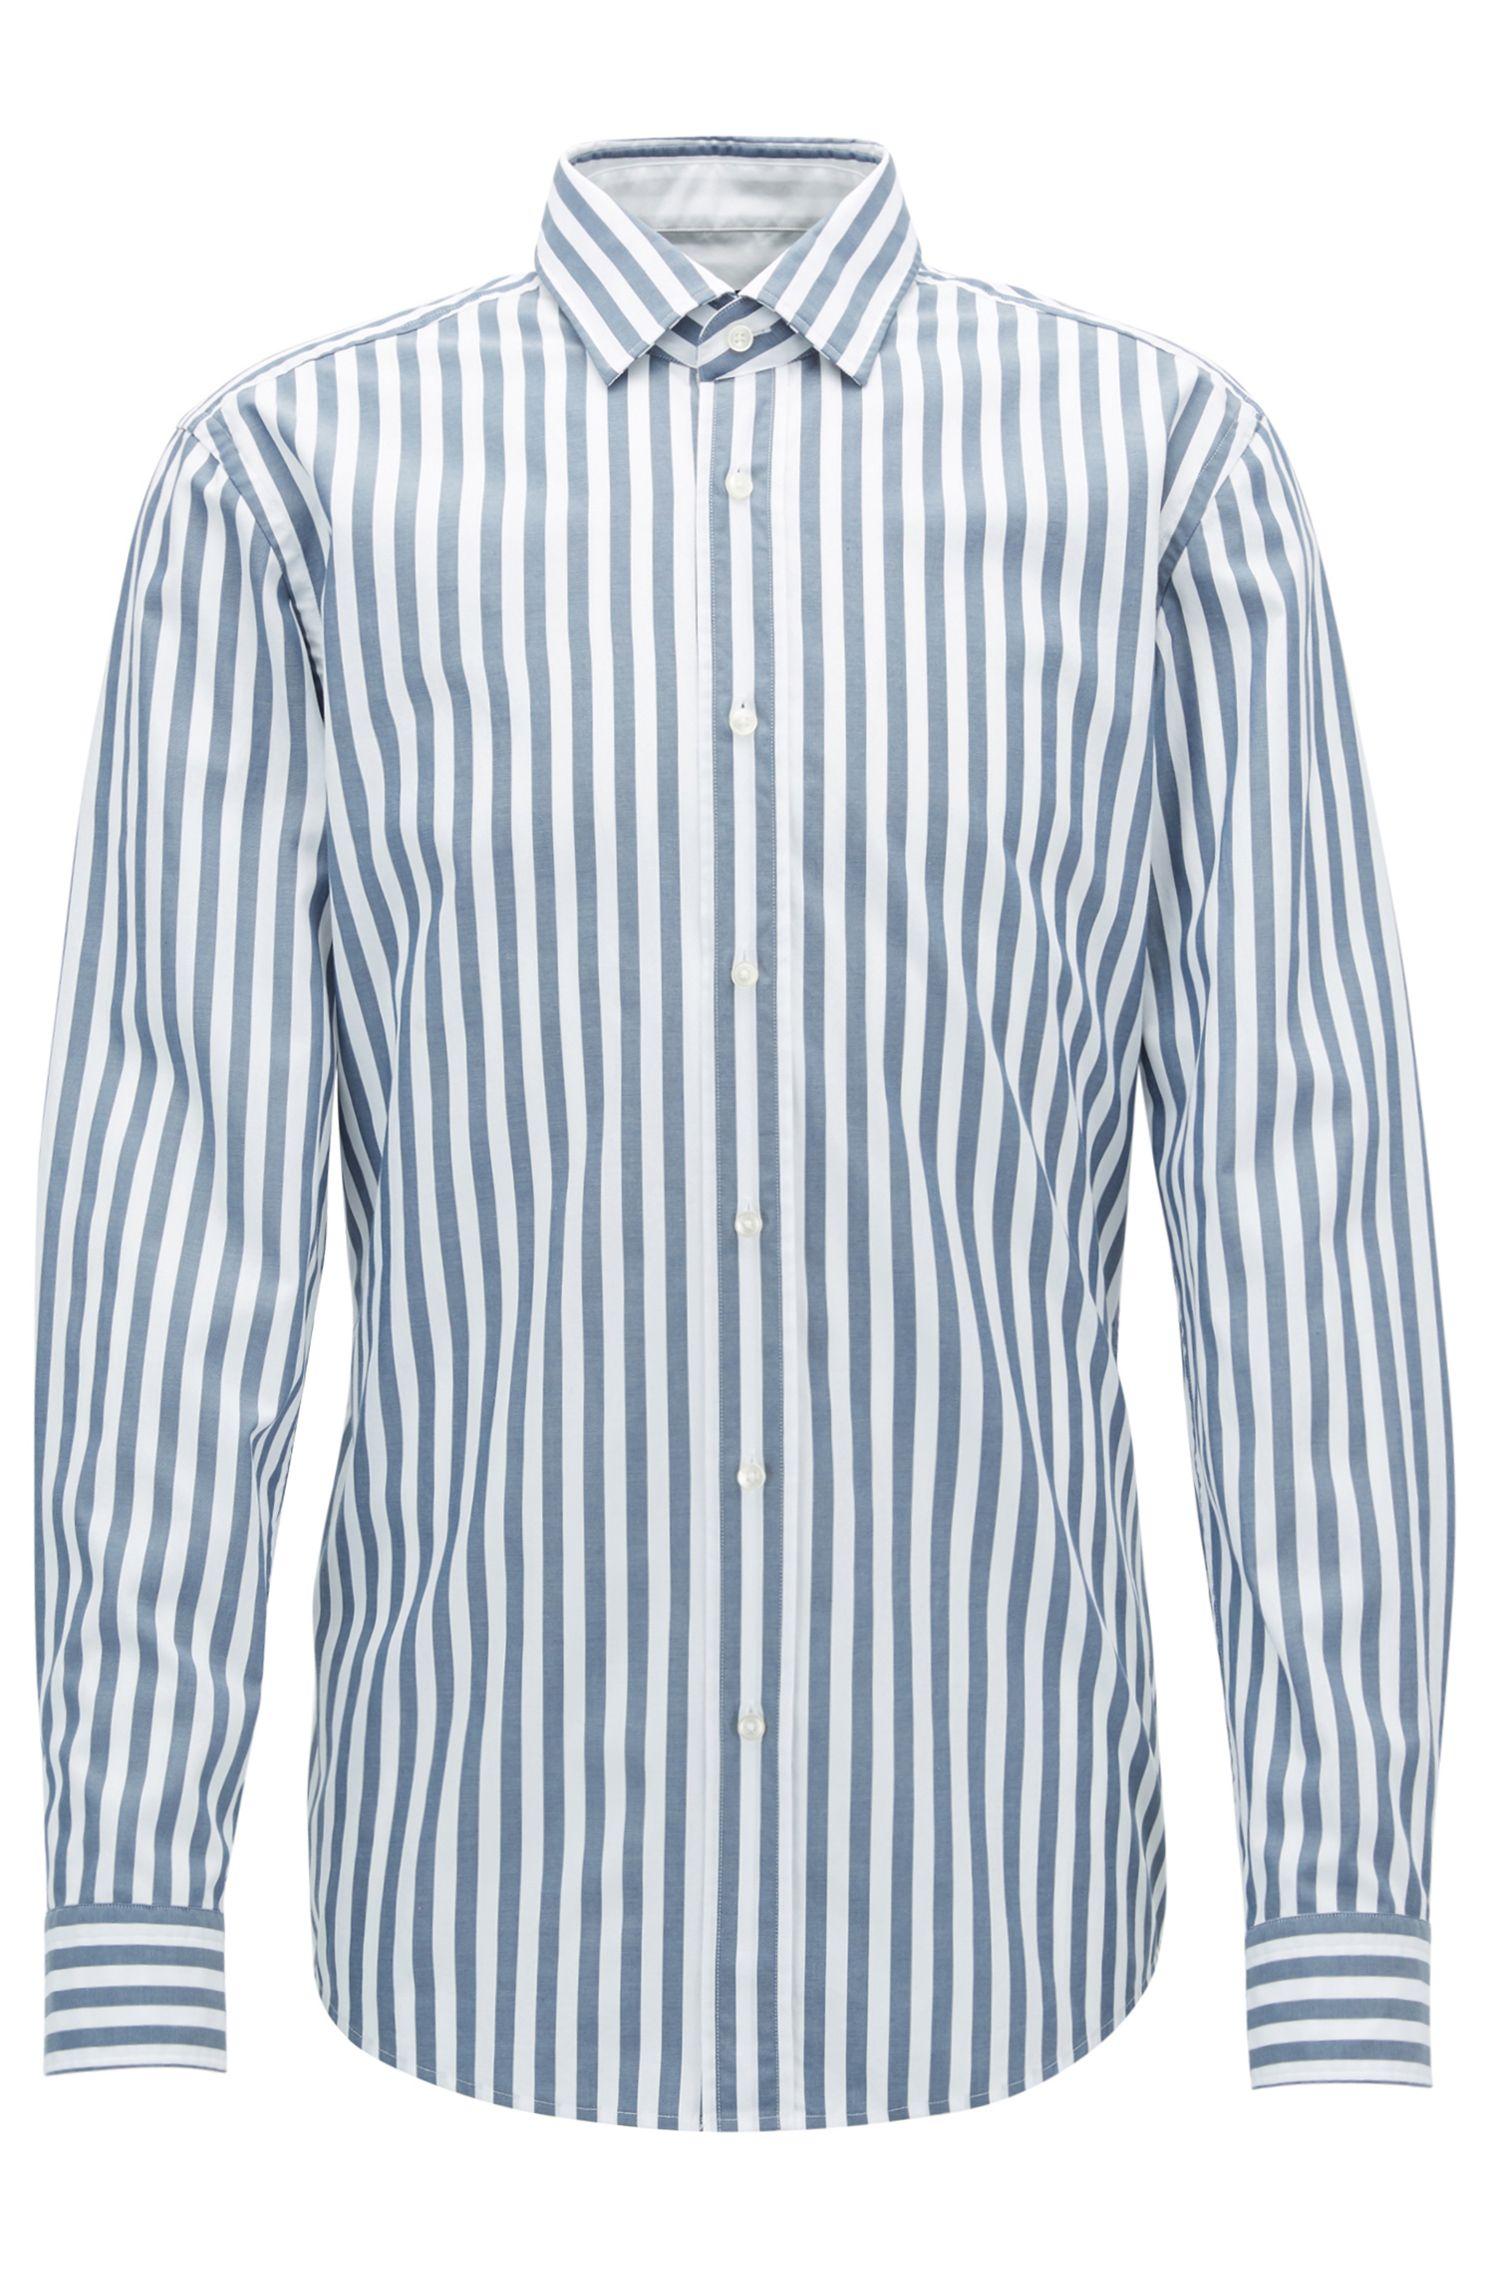 Camicia a righe slim fit in cotone lavato